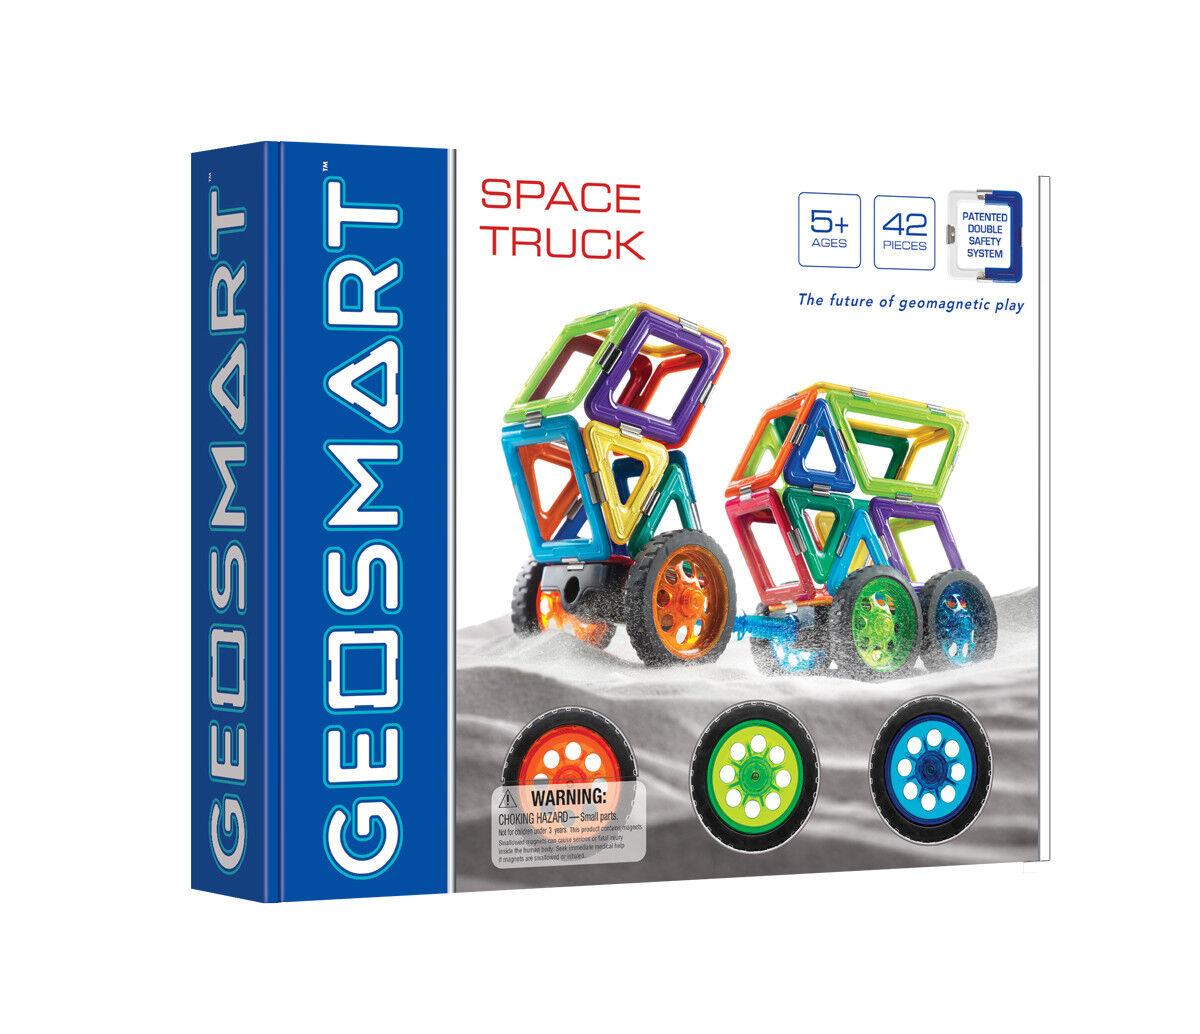 Camión de espacio-geosmart geomagnético Play - 42 piezas conveniente para las edades 5+